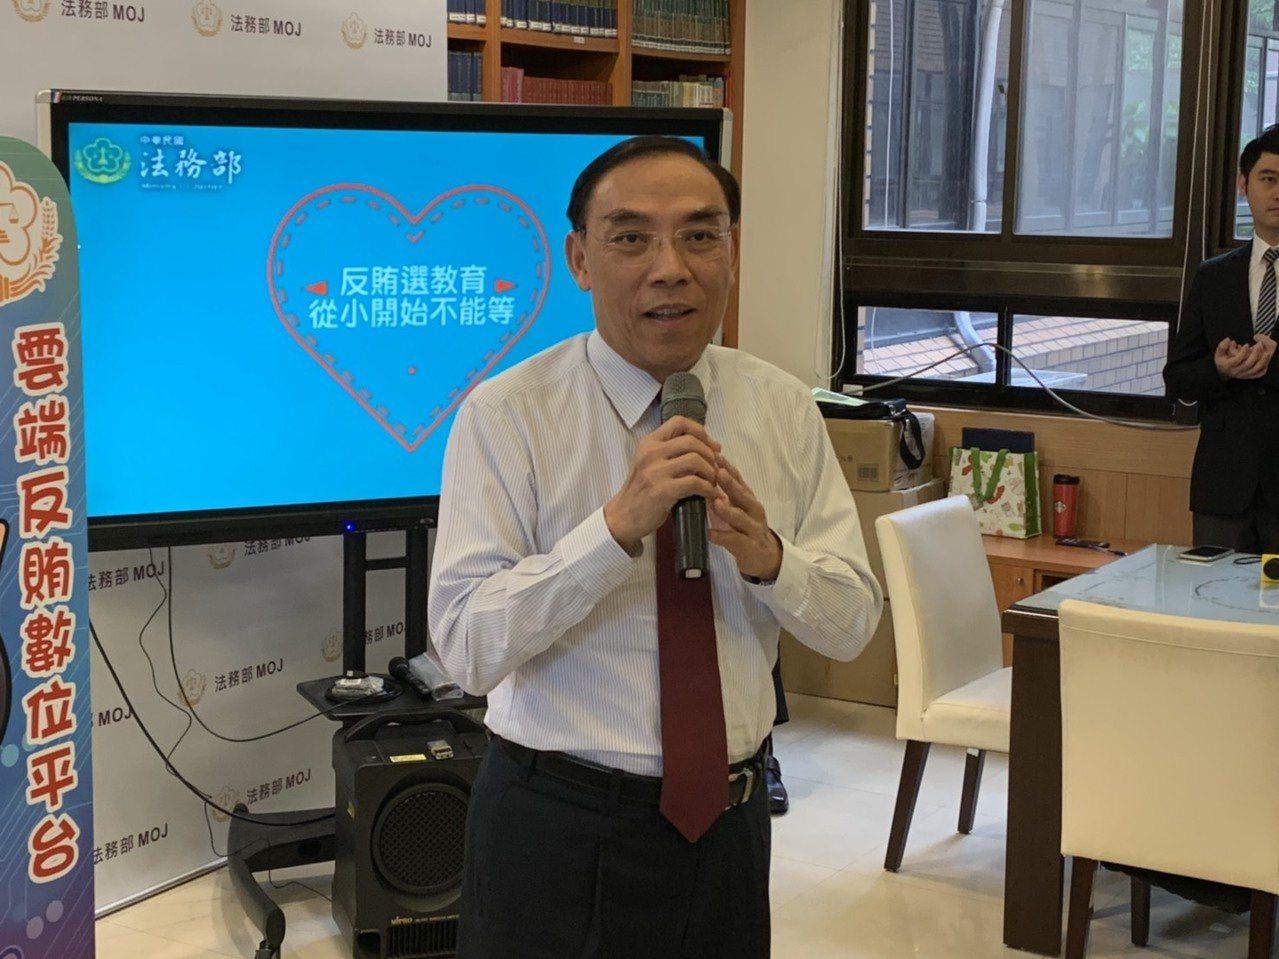 法务部长蔡清祥。记者王圣藜/摄影